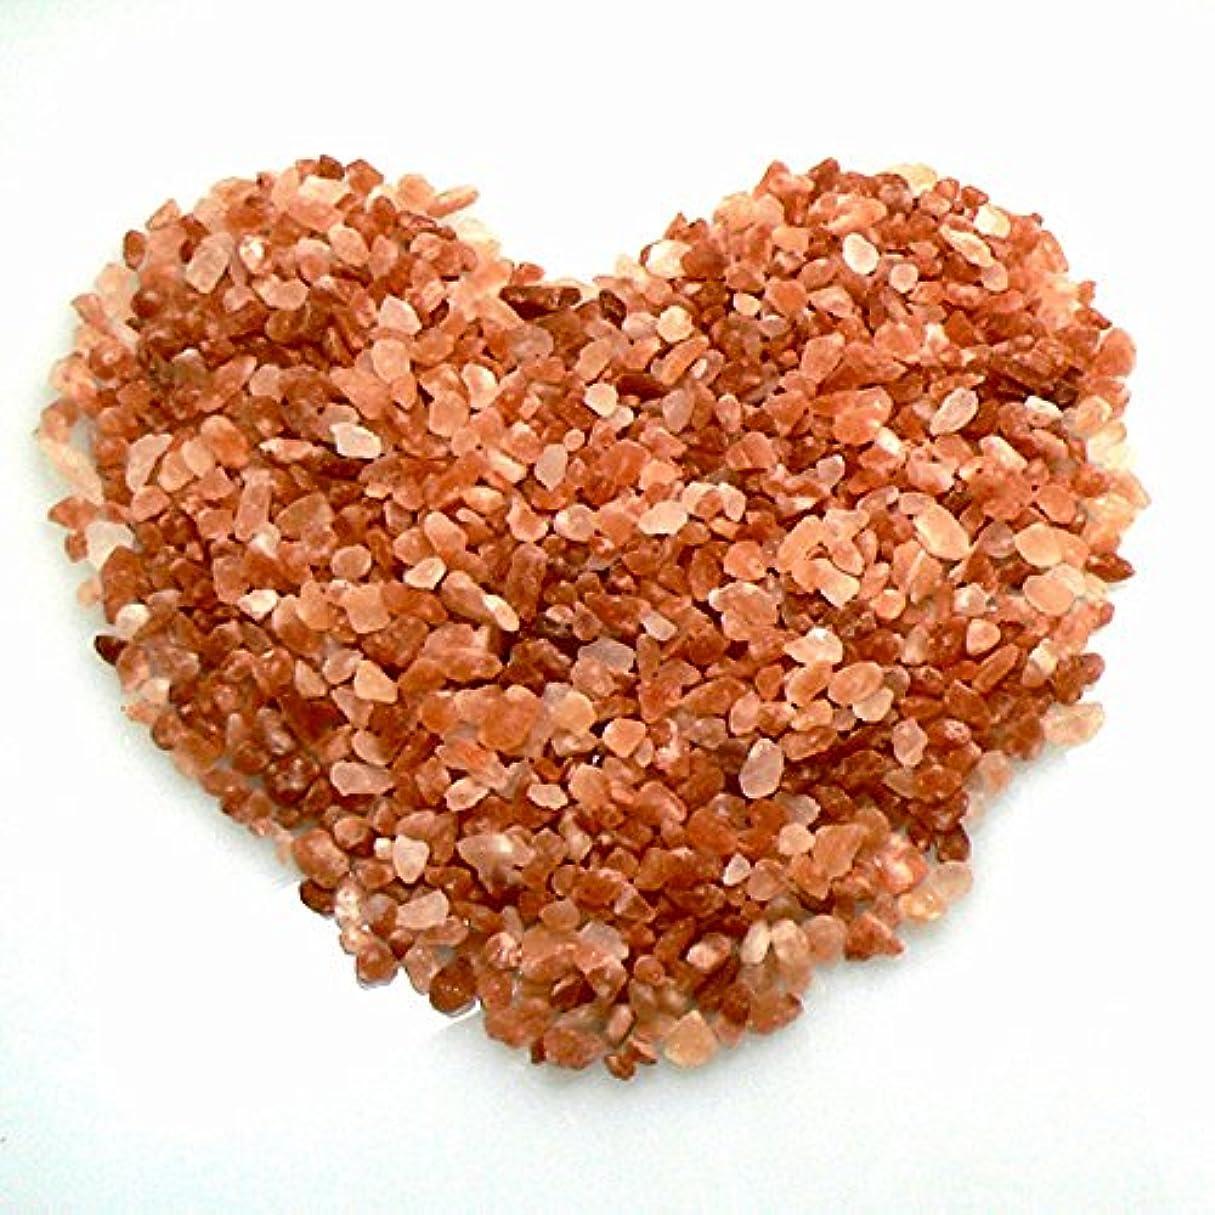 望む平手打ち寮ヒマラヤ岩塩 ピンクソルト 入浴用 バスソルト(小粒)2kg ピンク岩塩